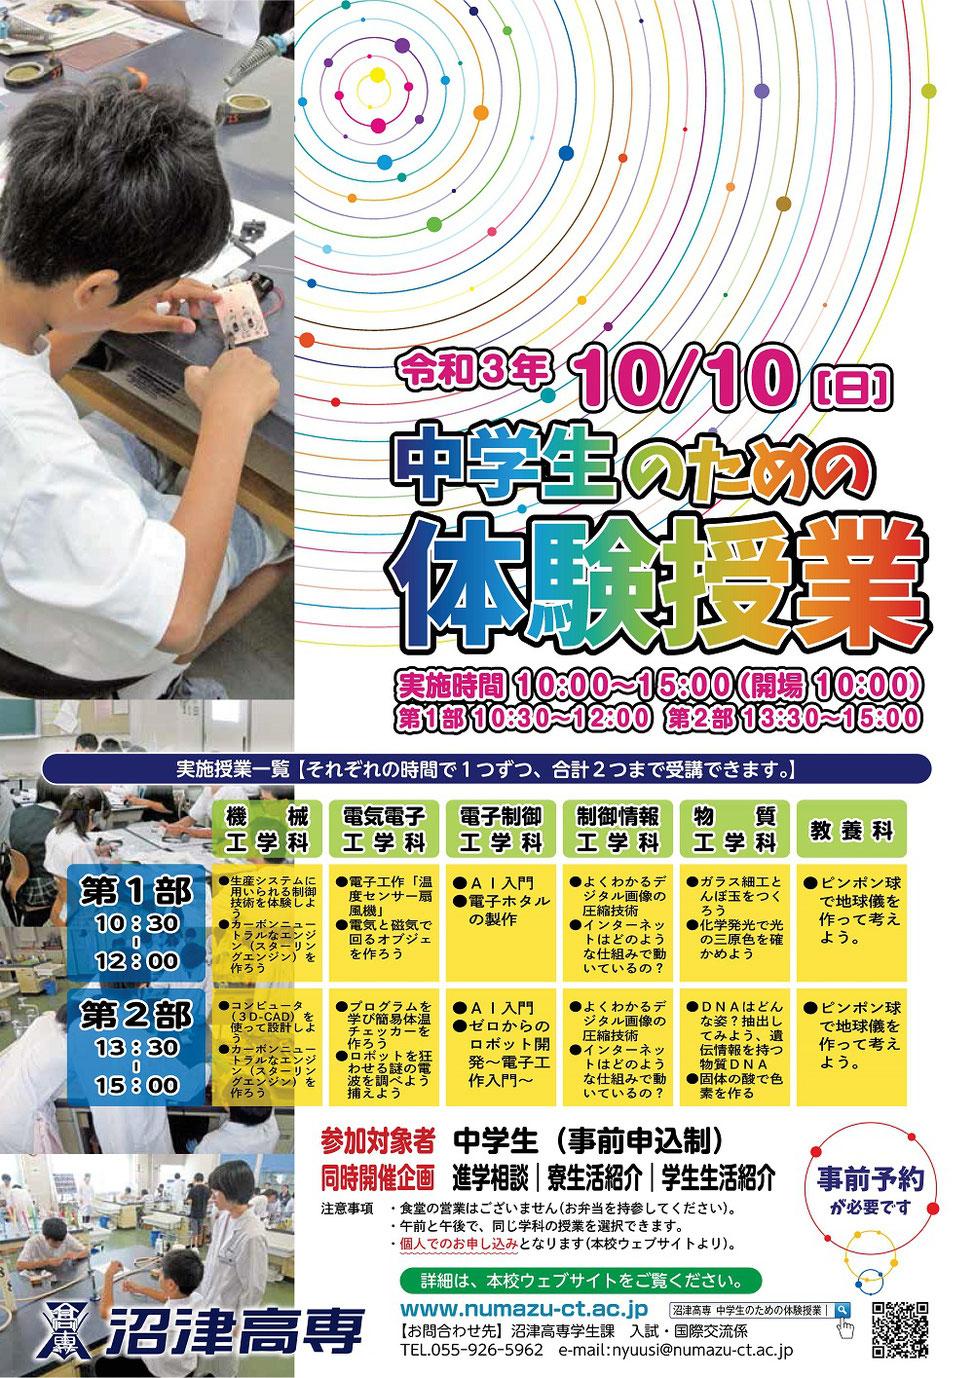 沼津高専,中学生のための体験授業